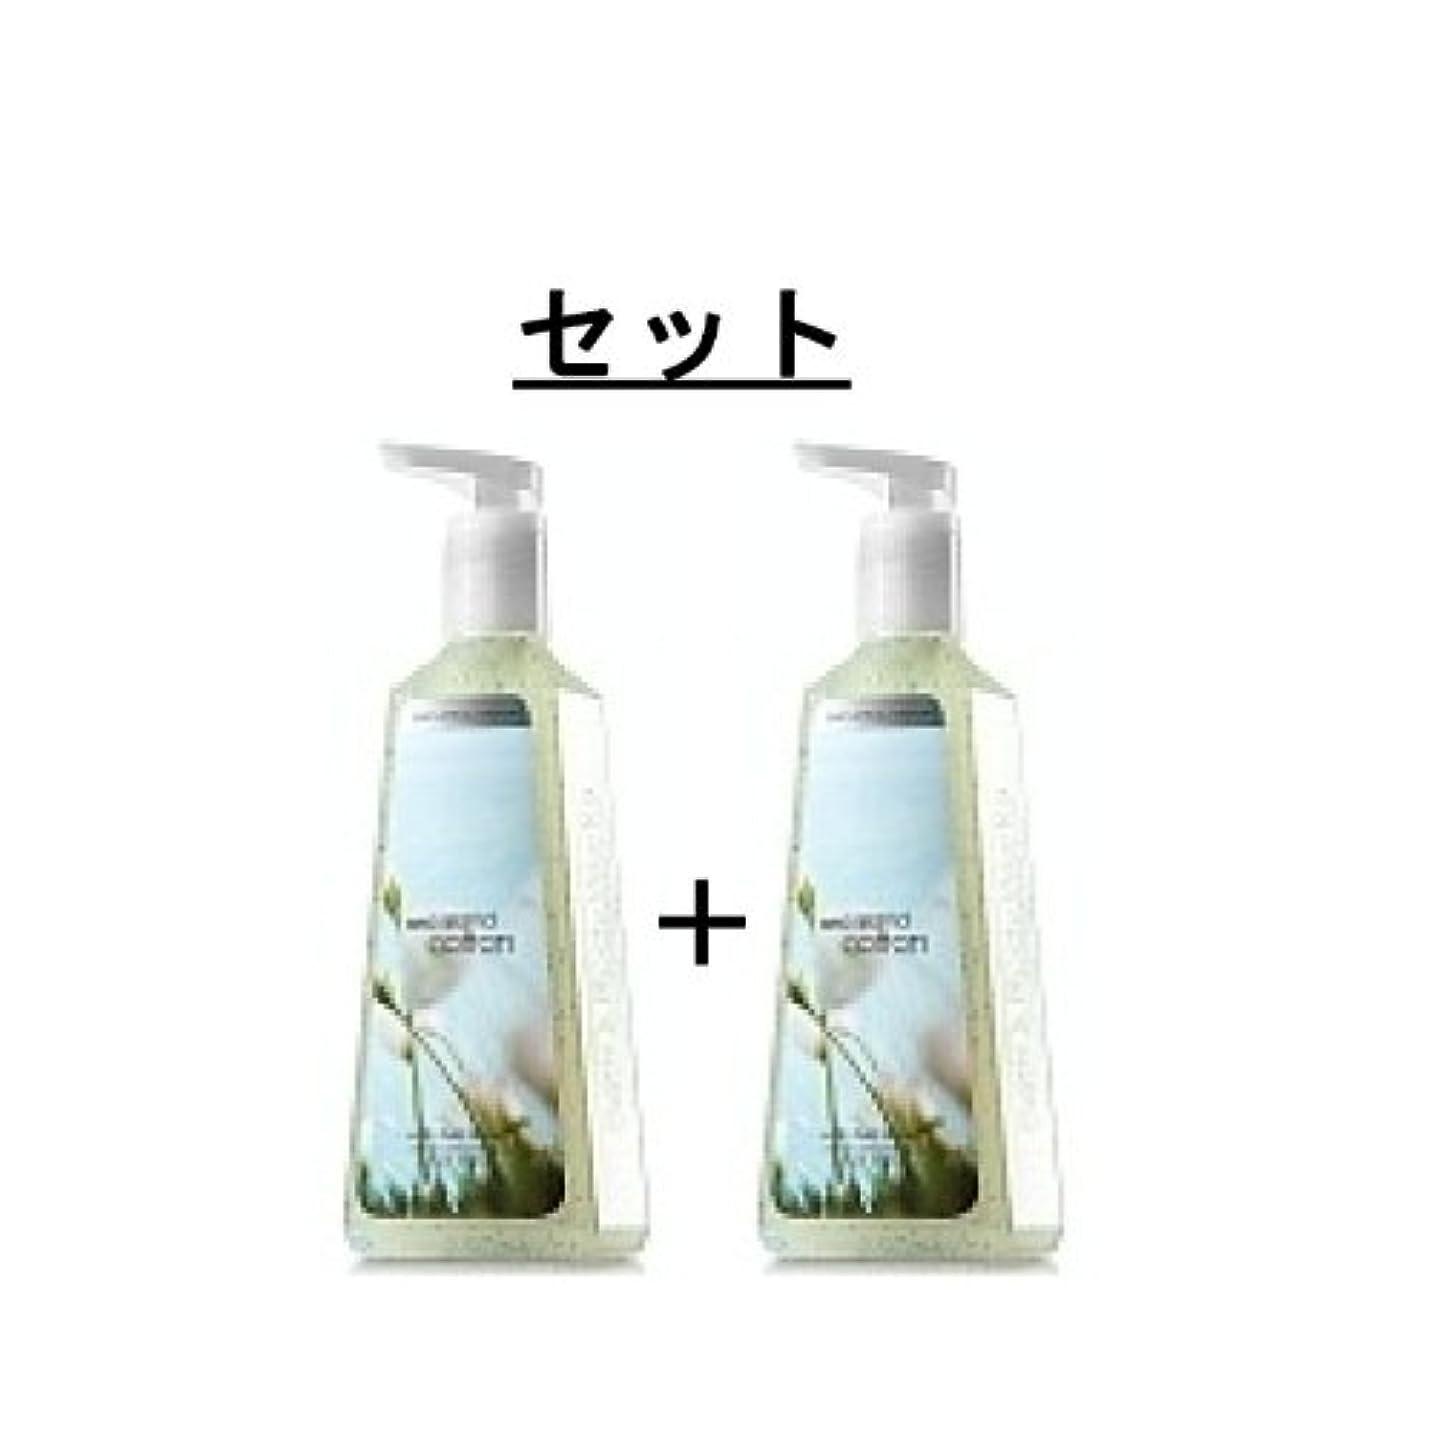 宣伝肉腫無駄なBath & Body Works Sea Island Cotton Antibacterial Deep Cleansing Hand Soap Set of 2 シーアイランドコットン【並行輸入品】